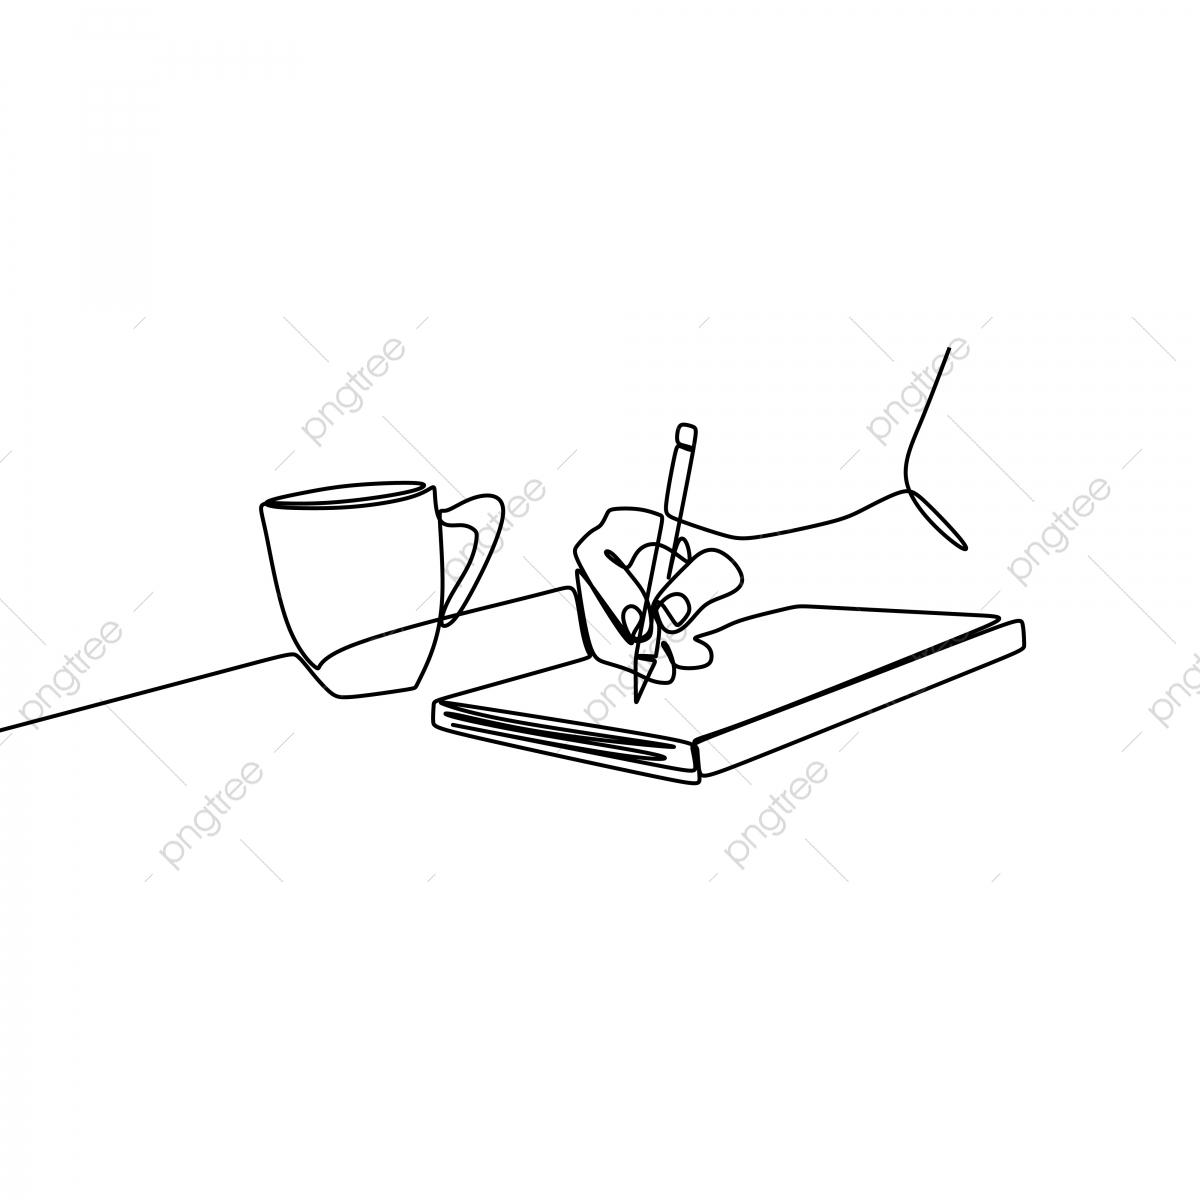 Eine Zeichnung Von Hand Schreiben An Einem Buch Neben Einer